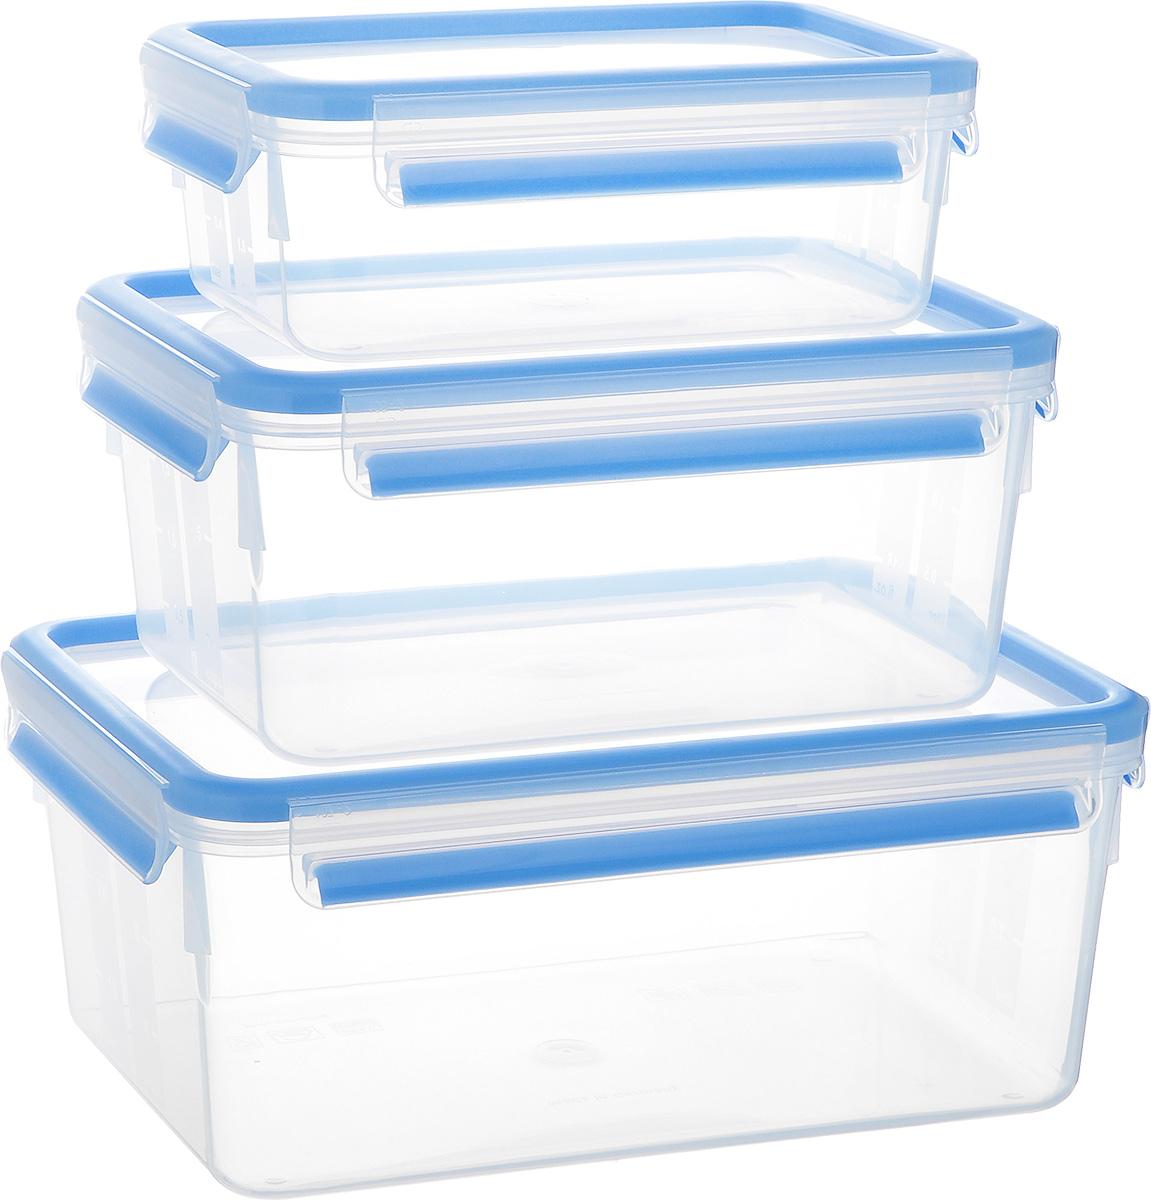 Набор контейнеров Emsa Clip&Close, 3 шт. 50856779 02471Набор Emsa Clip&Close состоит из трех контейнеров разного объема, изготовленных из высококачественного пищевого пластика, который выдерживает температуру от -40°С до +110°С, не впитывает запахи и не изменяет цвет. Это абсолютно гигиеничный продукт, который подходит для хранения даже детского питания. Изделия снабжены крышками, плотно закрывающимися на 4 защелки. Герметичность достигается за счет специальных силиконовых прослоек, которые позволяют использовать контейнер для хранения не только пищи, но и напитков. В таком контейнере продукты долгое время сохраняют свою свежесть. Прозрачные стенки позволяют просматривать содержимое. Сбоку имеются отметки литража. Изделия подходят для домашнего использования, для пикников, поездок, такие контейнеры удобно брать с собой на работу или учебу. Можно использовать в СВЧ-печах, холодильниках, посудомоечных машинах, морозильных камерах. Объем контейнеров: 1 л, 2,3 л, 3,7 л. Размер контейнеров: 19 см х 13 см х 7 см; 22 см х 16 см х 10 см; 26 см х 19 см х 11 см.